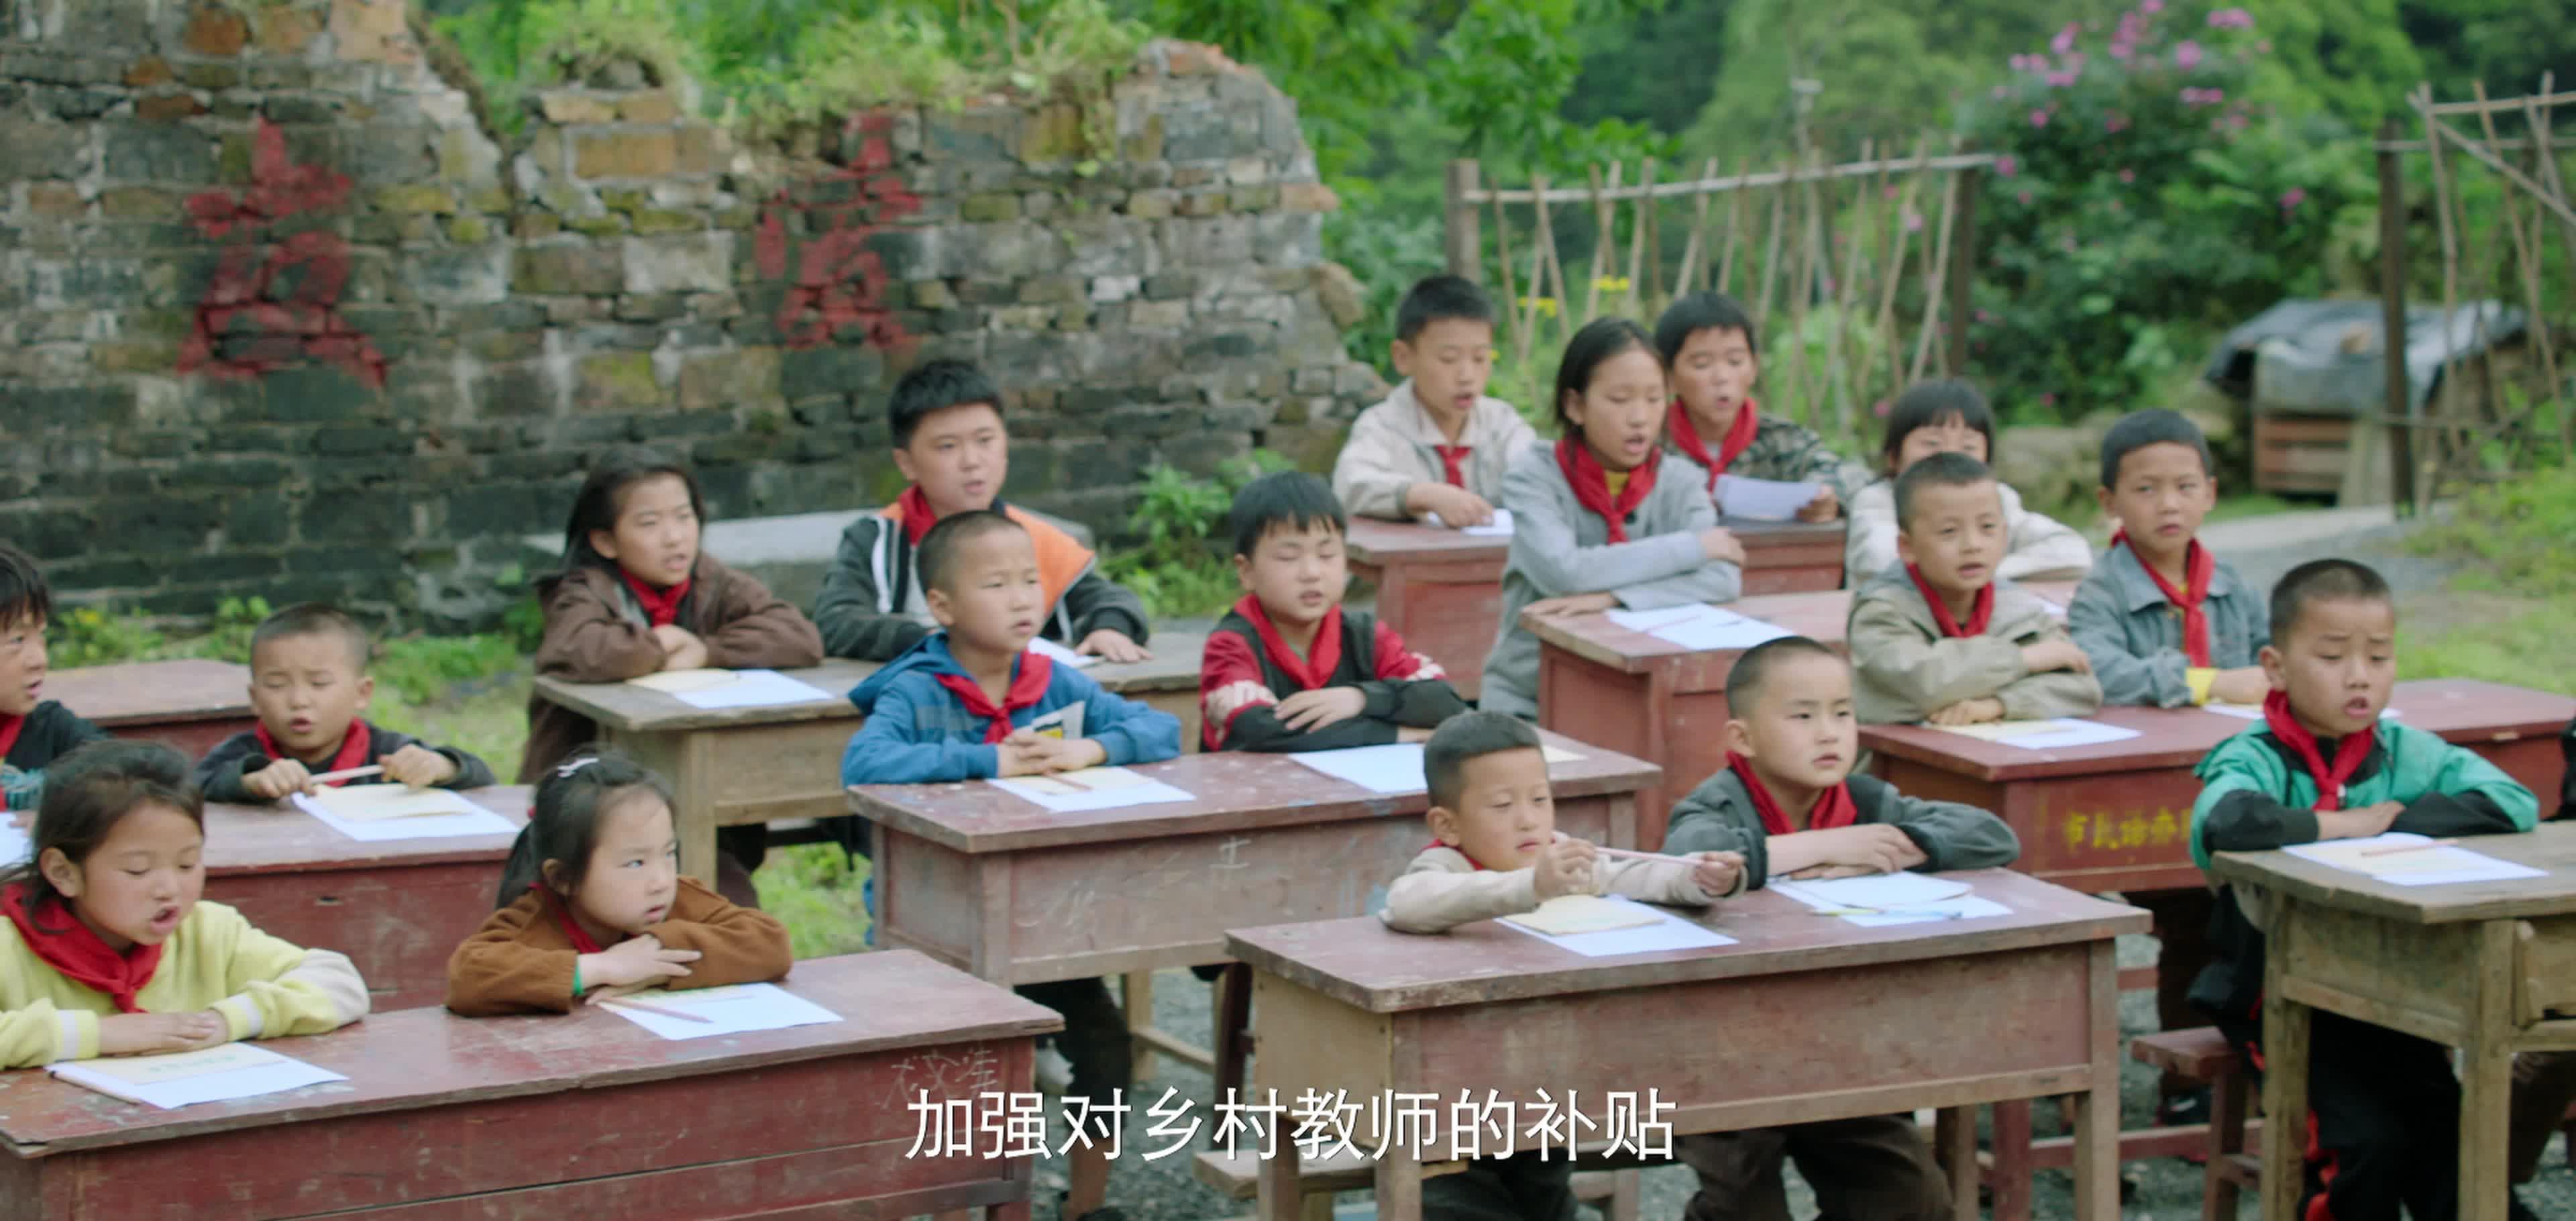 《在希望的田野上》祝每一位老师教师节快乐